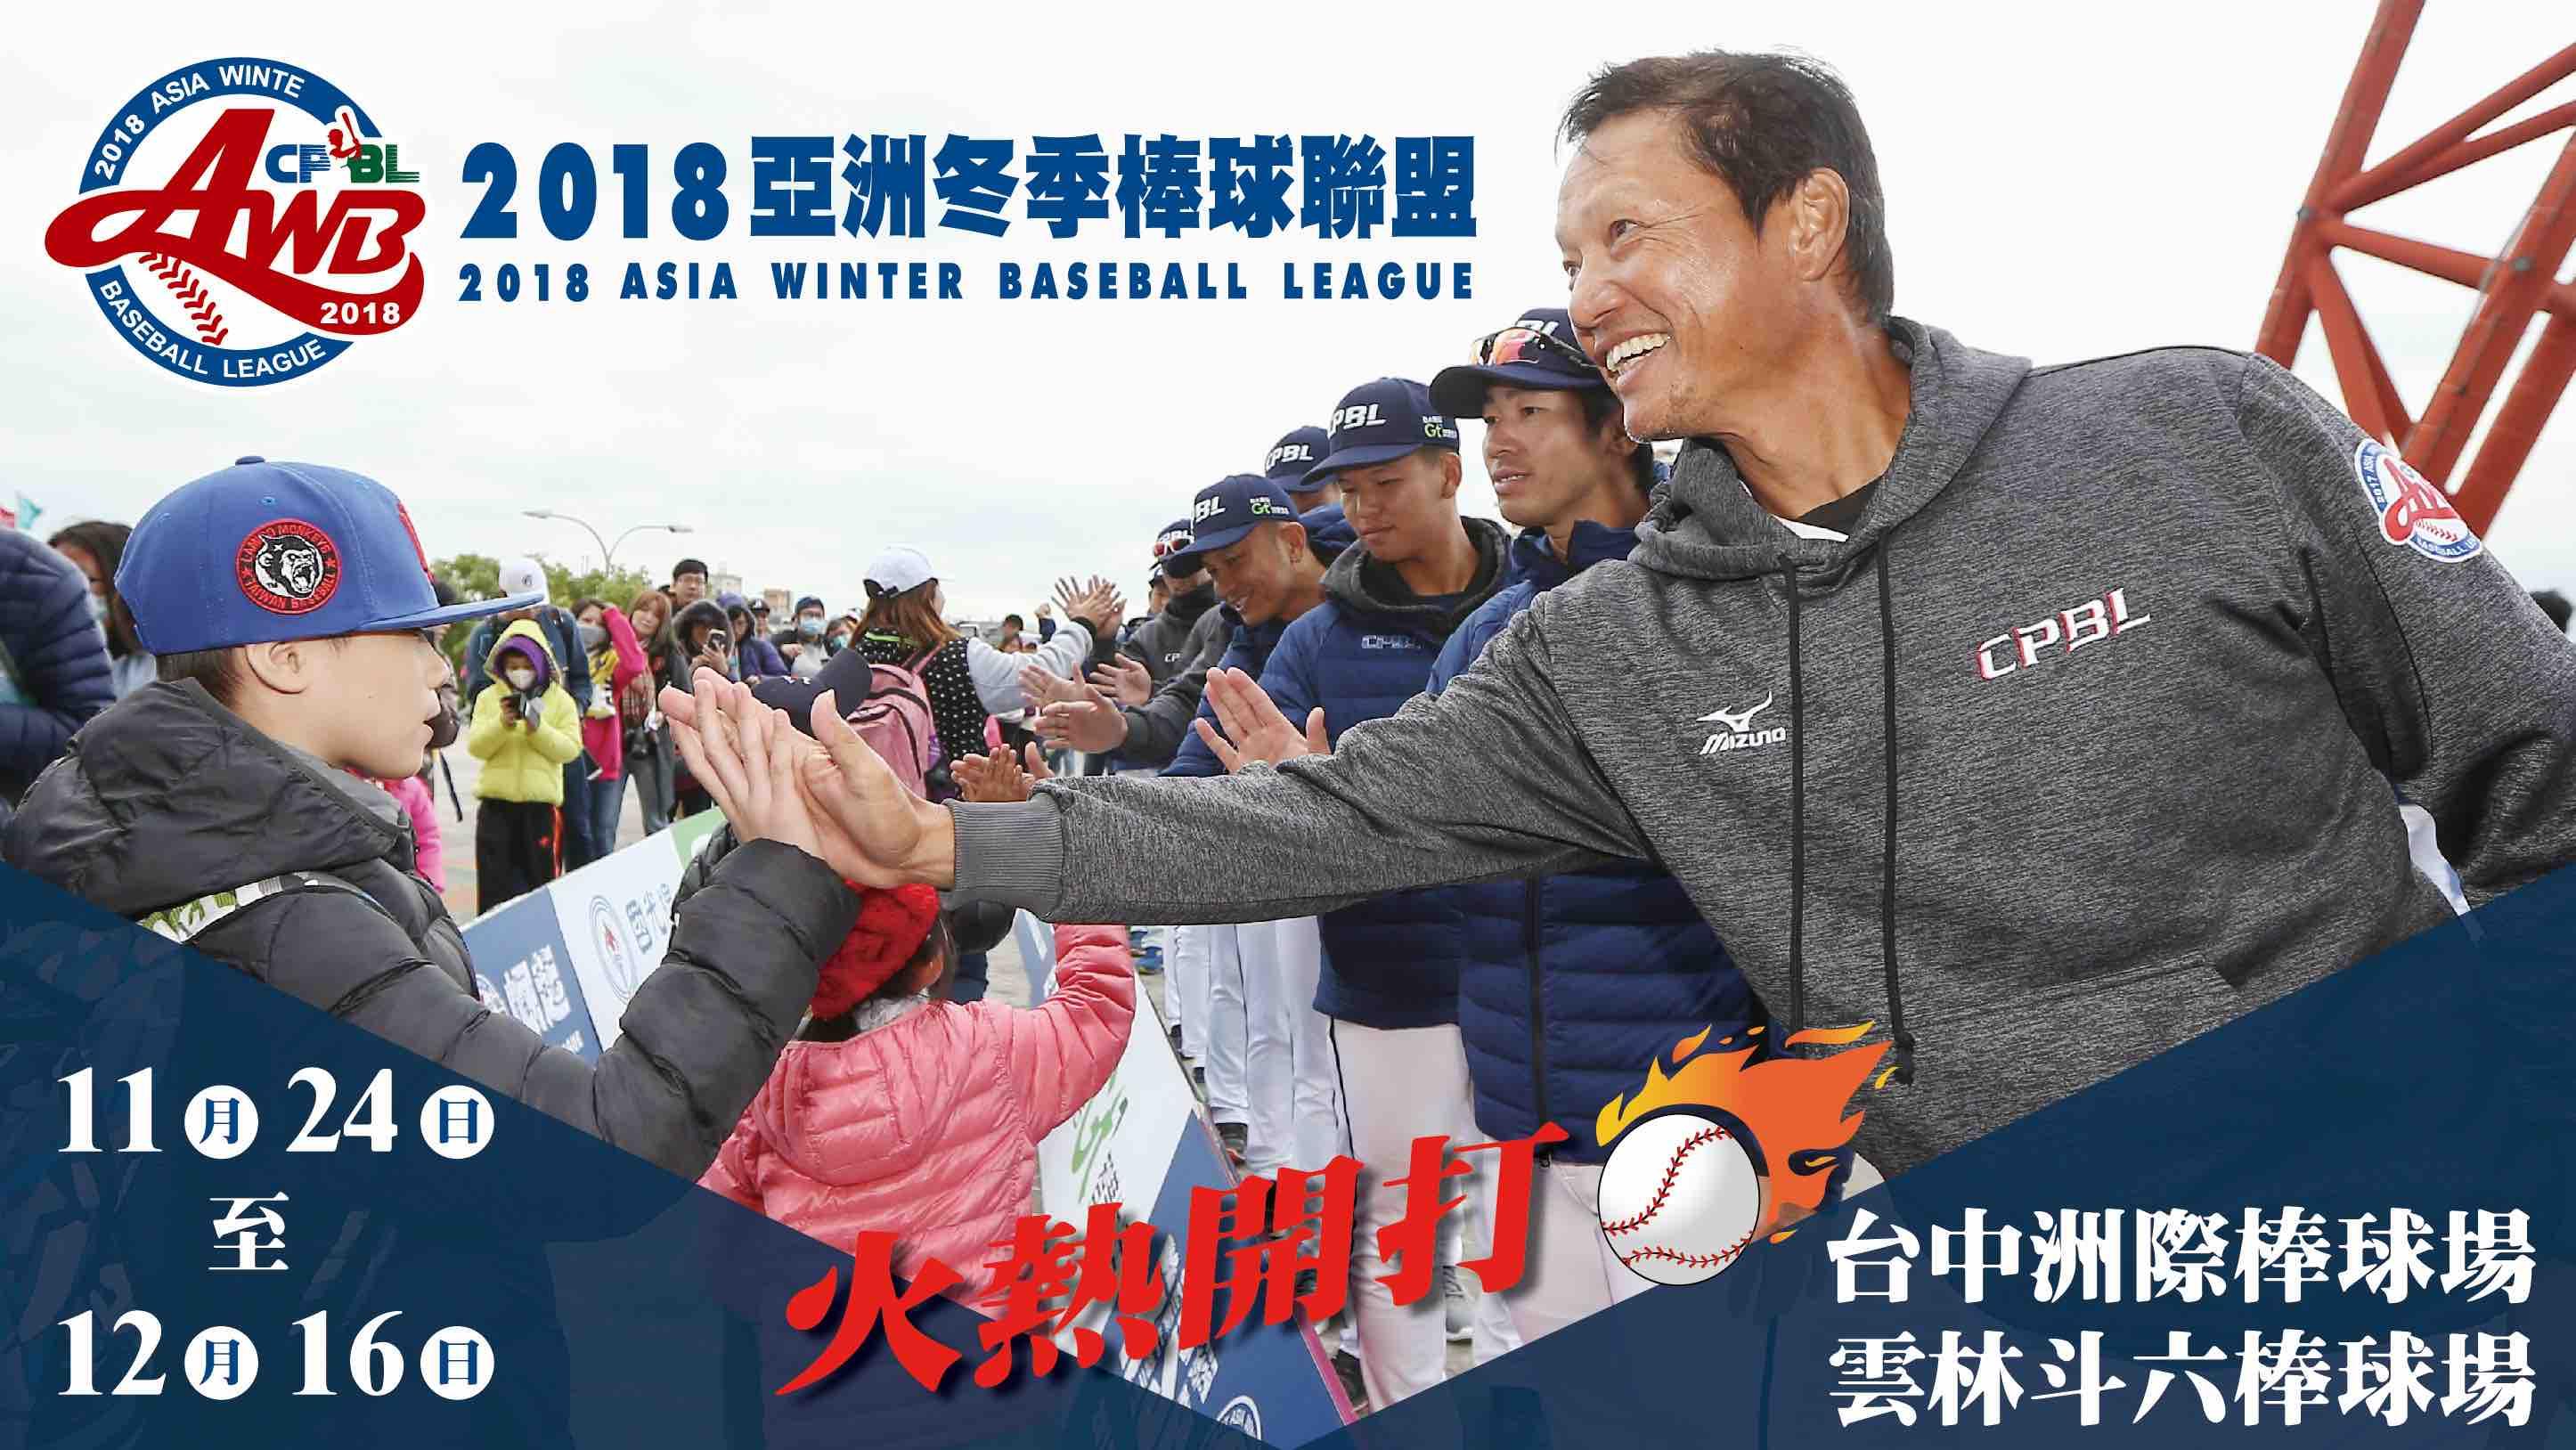 Afbeeldingsresultaat voor Asia Winter League 2018